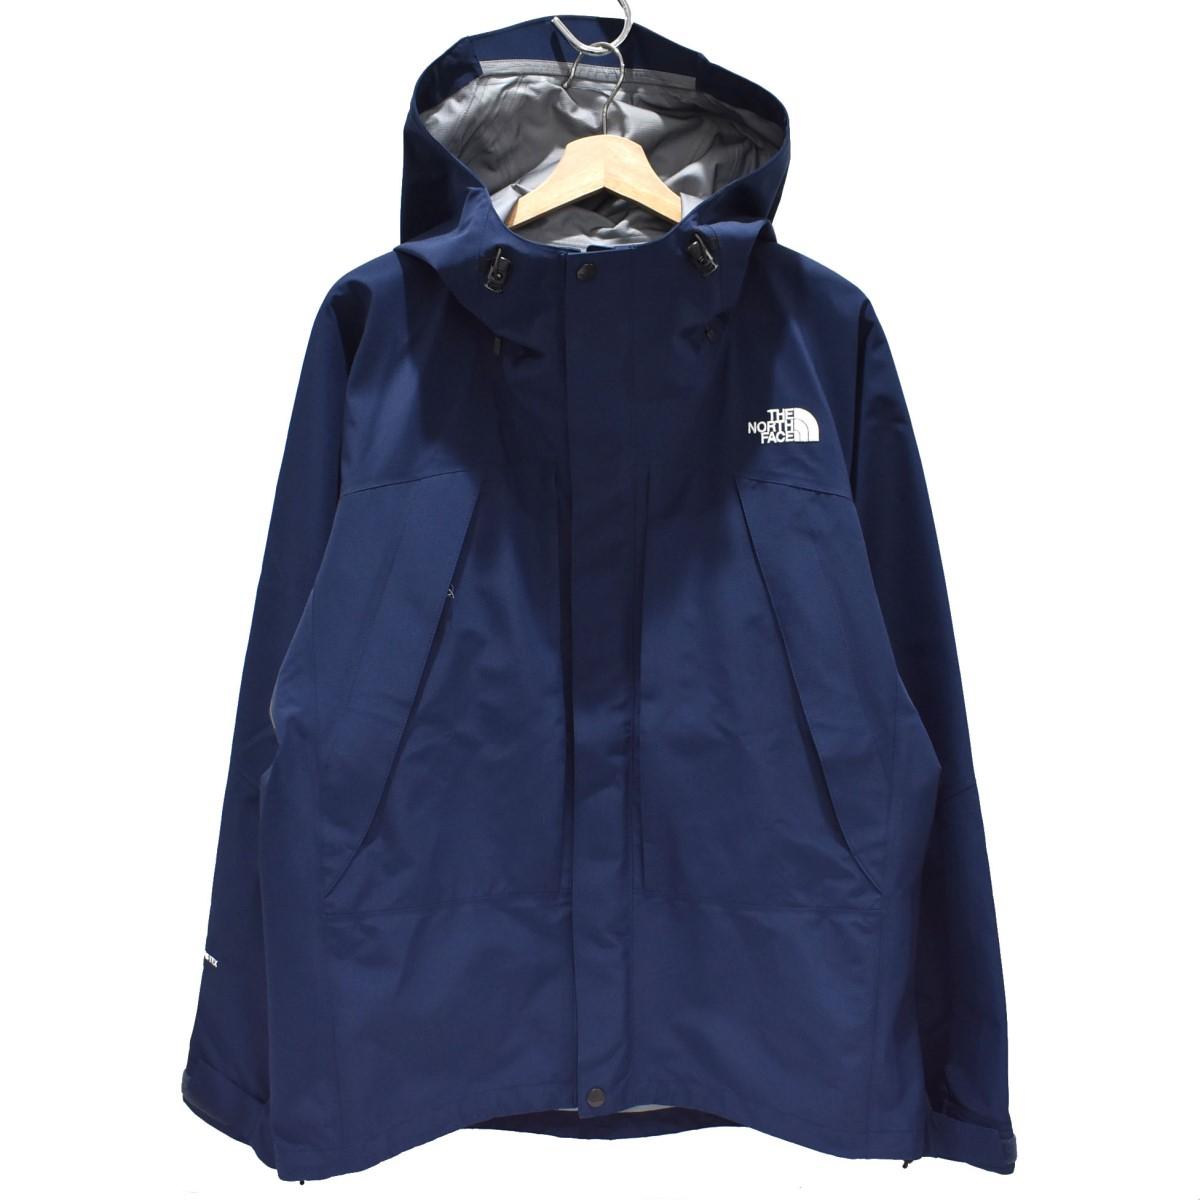 【中古】THE NORTH FACE NP61910 All Mountain Jacket マウンテンジャケット ネイビー サイズ:XL 【040520】(ザノースフェイス)